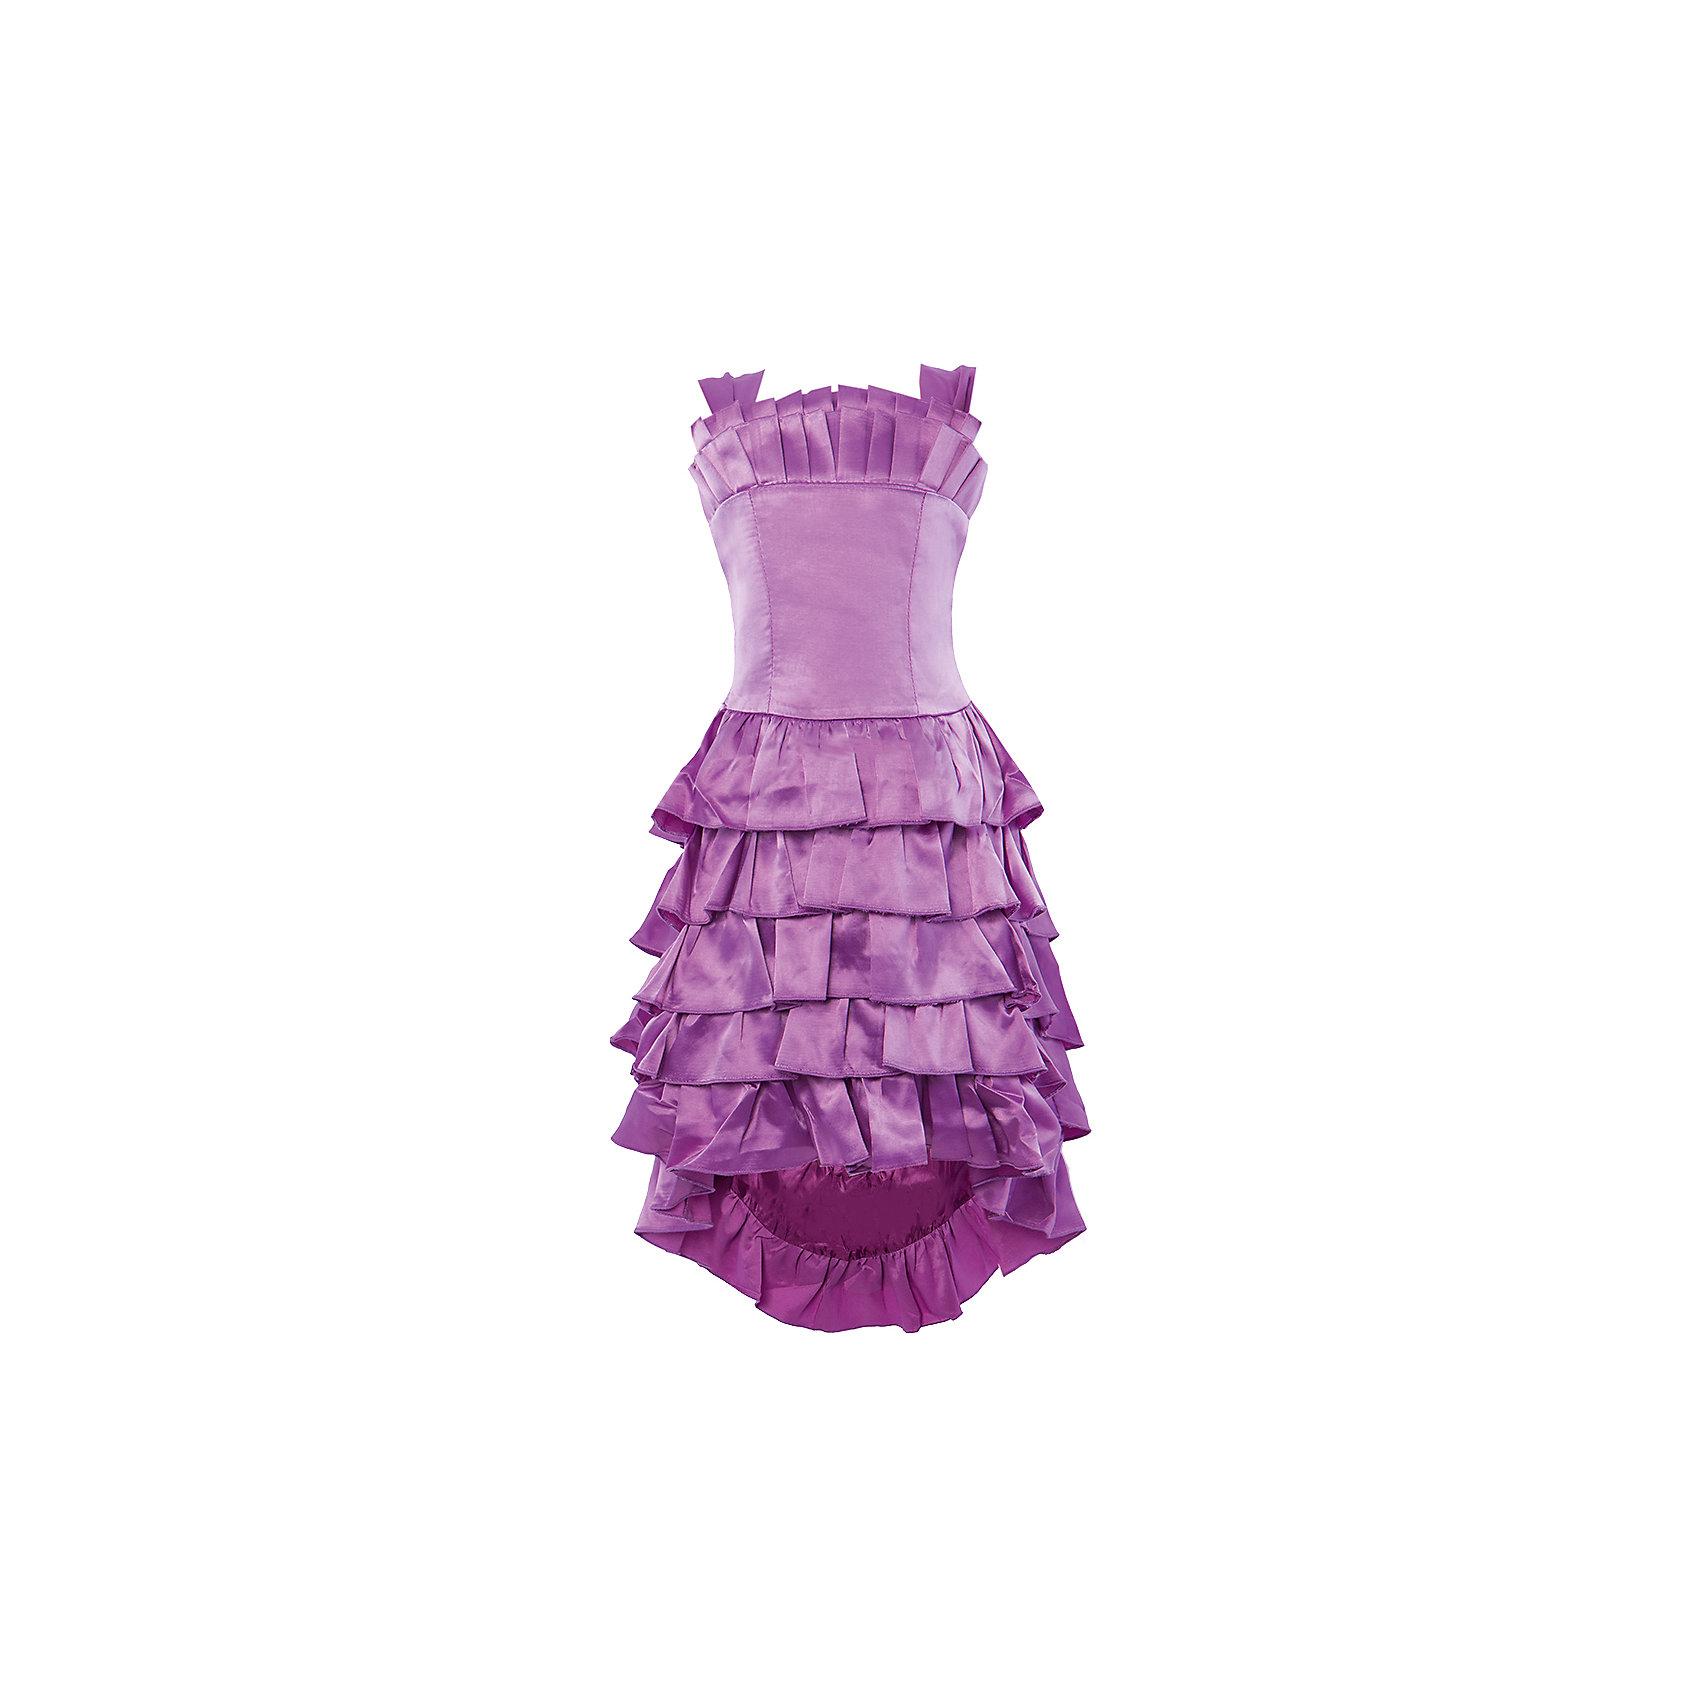 Платье ВенераНарядное платье для девочки со шлейфом. Юбка декорирована оборками.Спинка на резинке, платье подойдет на любую фигуру ребенка.<br><br>Ширина мм: 236<br>Глубина мм: 16<br>Высота мм: 184<br>Вес г: 177<br>Цвет: малиновый<br>Возраст от месяцев: 36<br>Возраст до месяцев: 48<br>Пол: Женский<br>Возраст: Детский<br>Размер: 104/110,116/122,98/104,110/116<br>SKU: 4388993